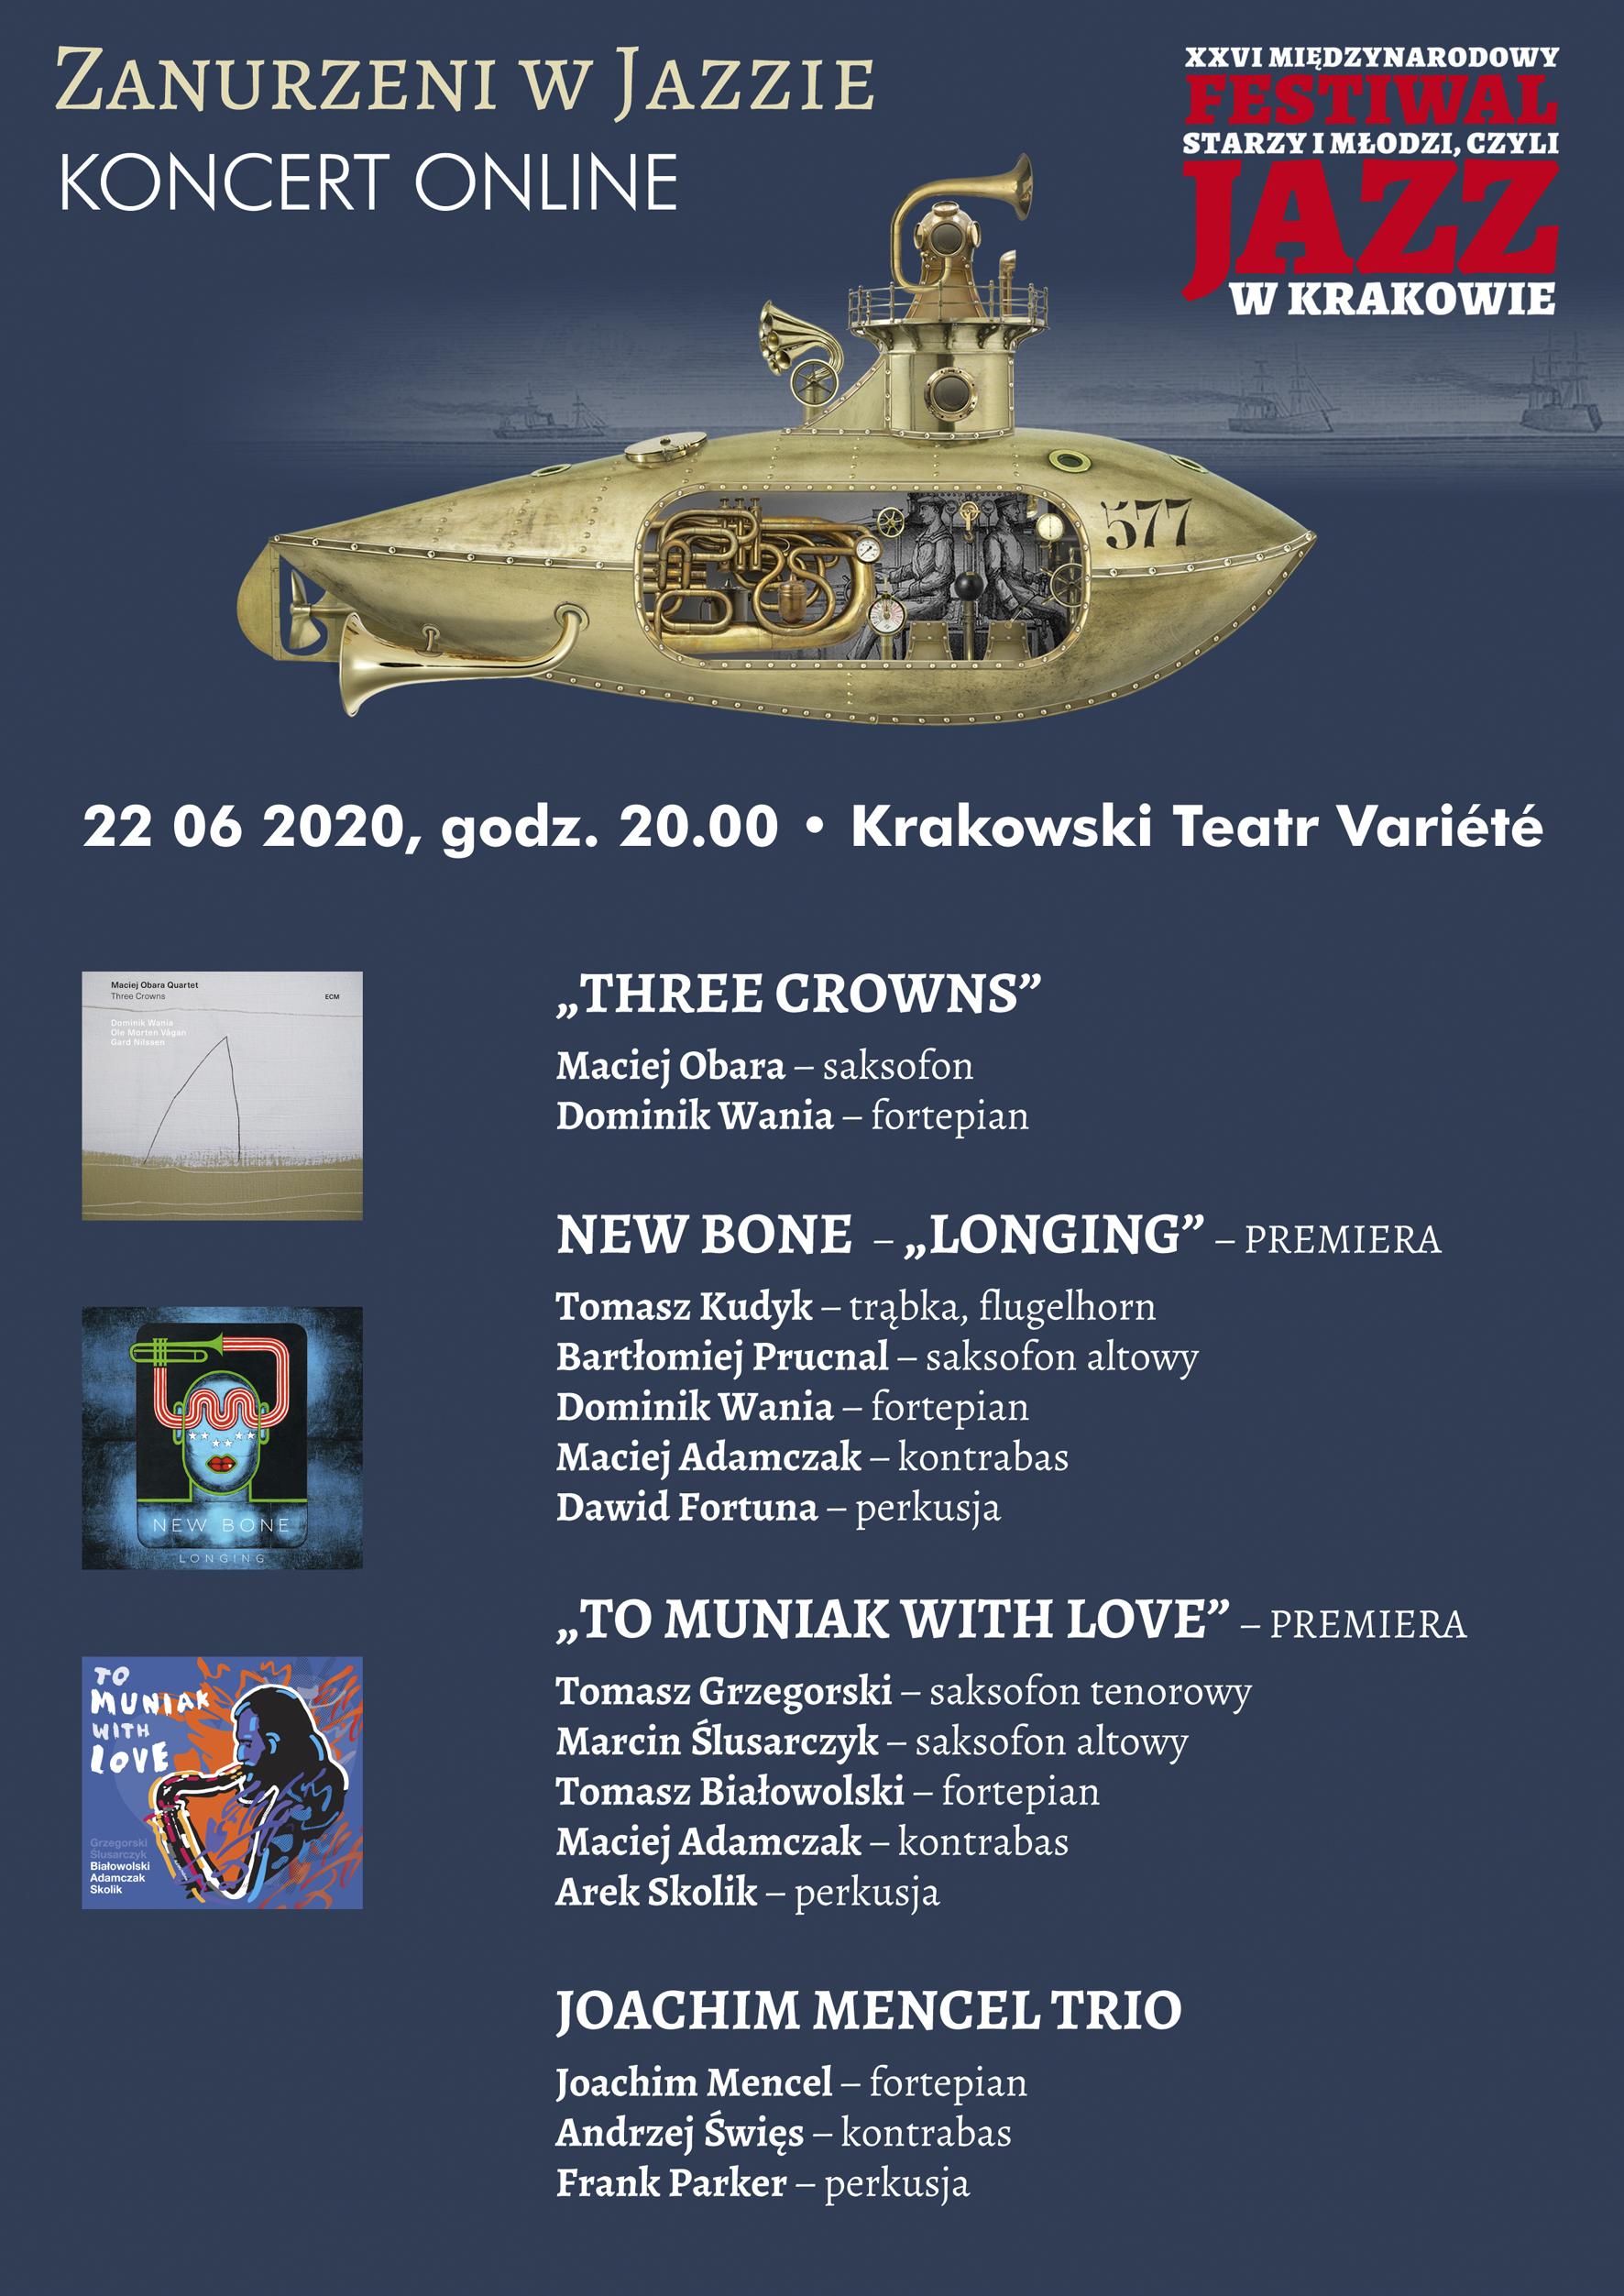 """Koncert online w ramach XXVI Międzynarodowego Festiwalu """"Starzy i Młodzi, czyli Jazz w Krakowie"""""""